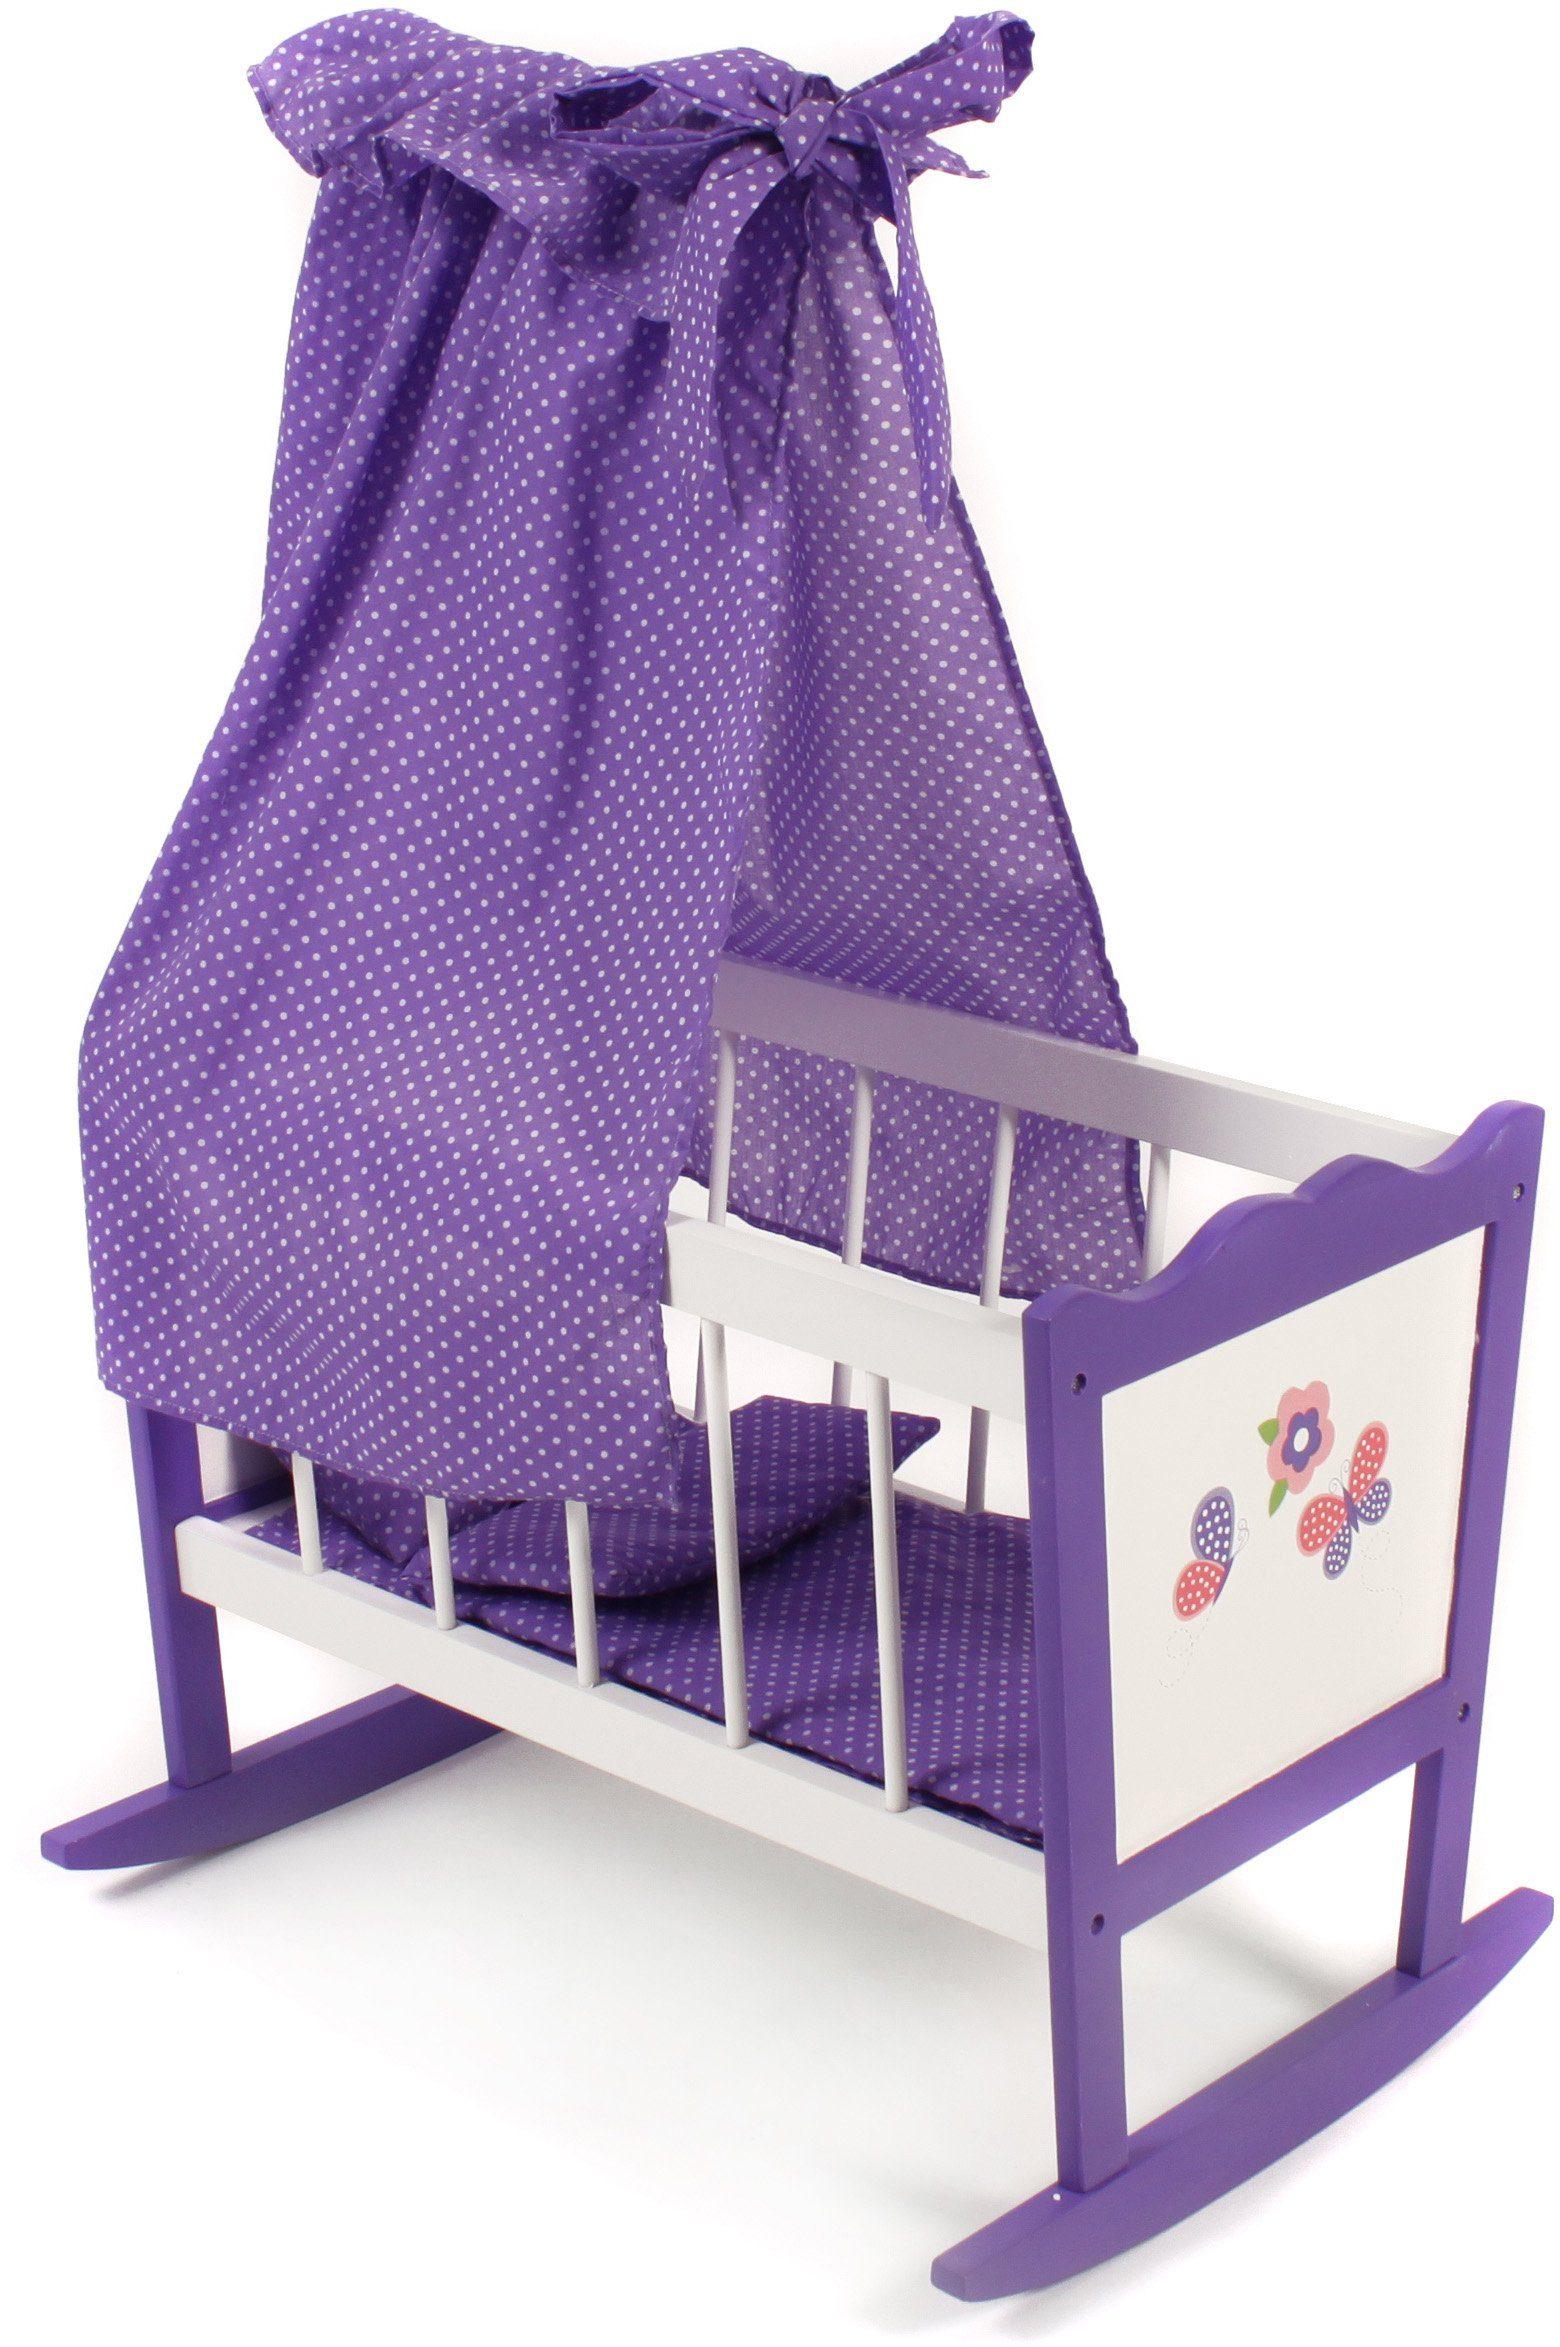 CHIC2000 Puppenwiege mit Himmel, »Papilio purple«